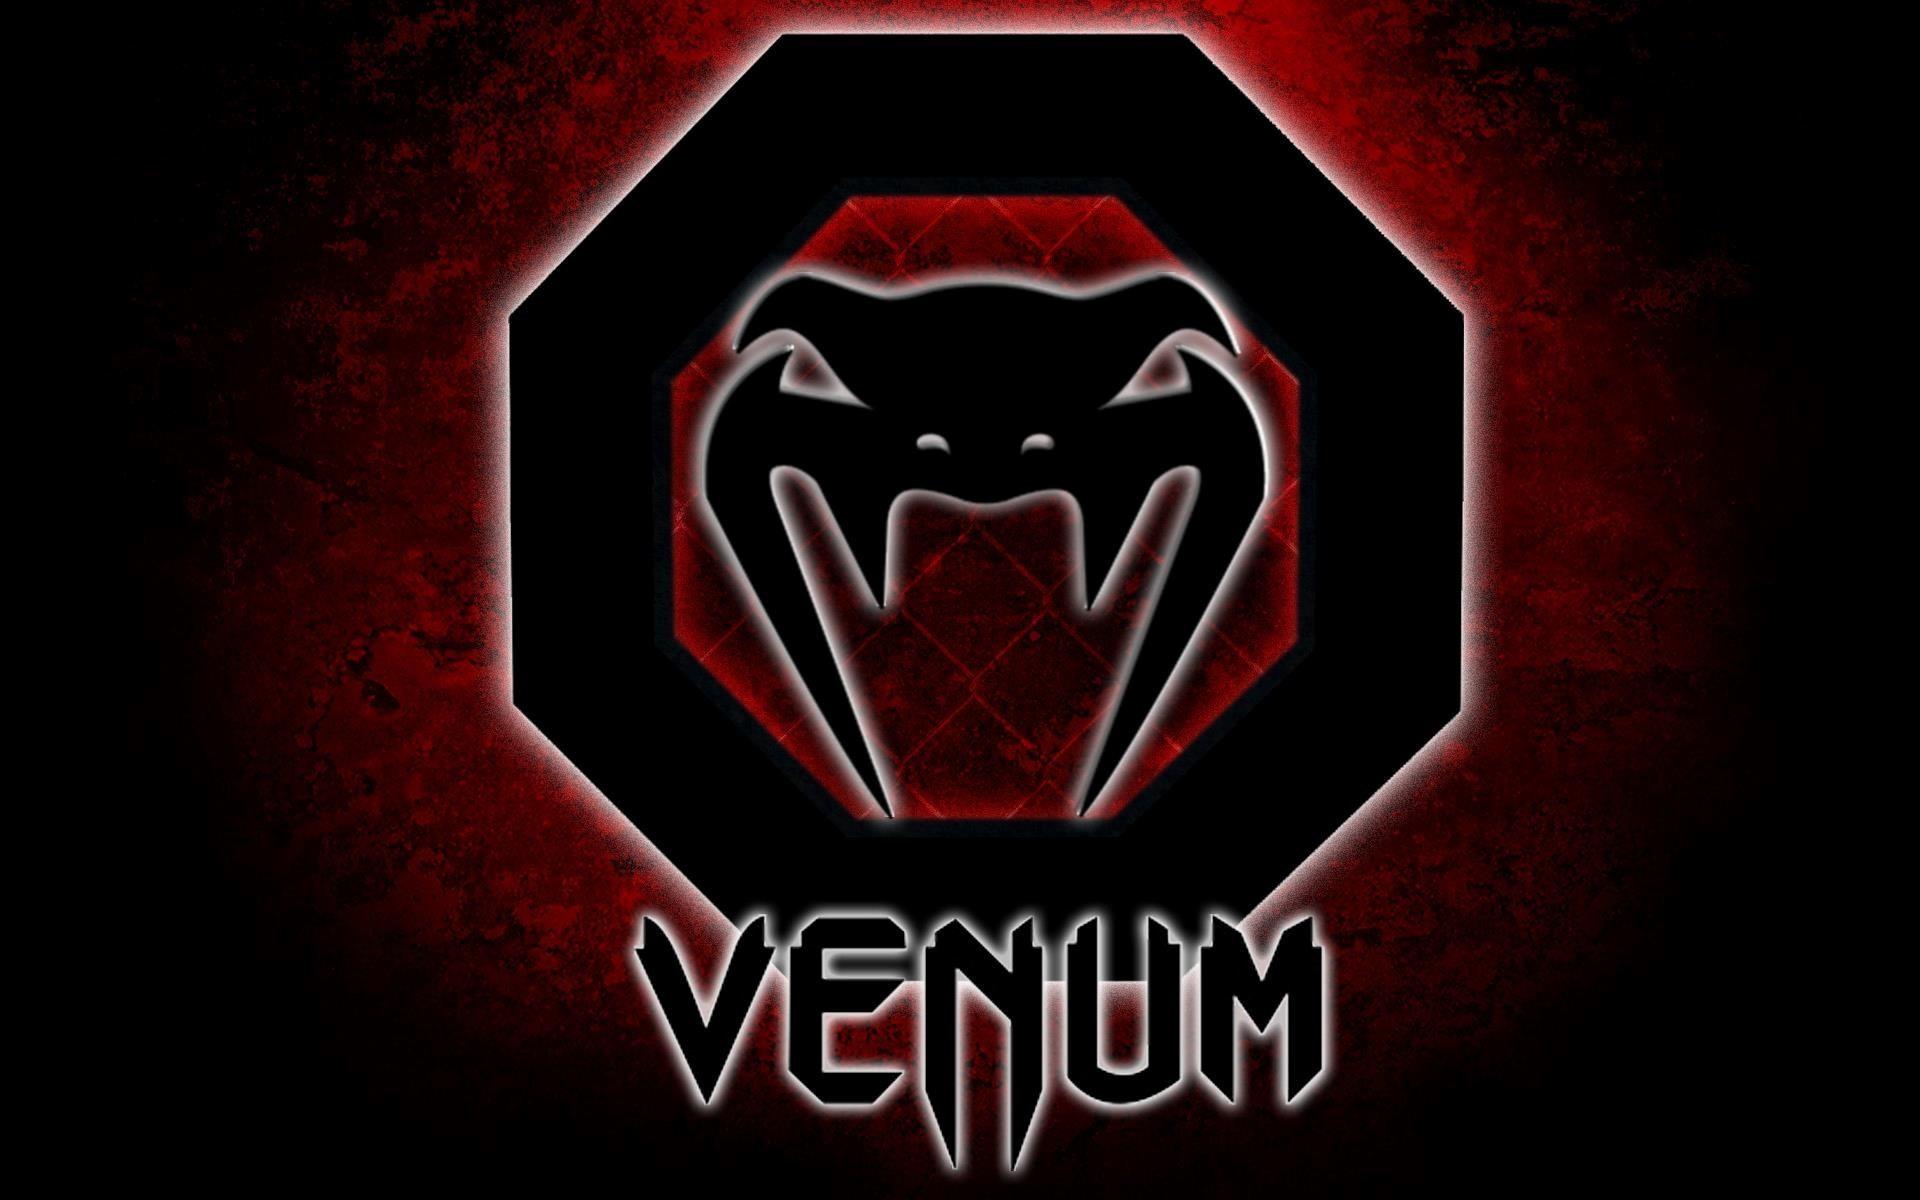 venum logo mma wallpaper …